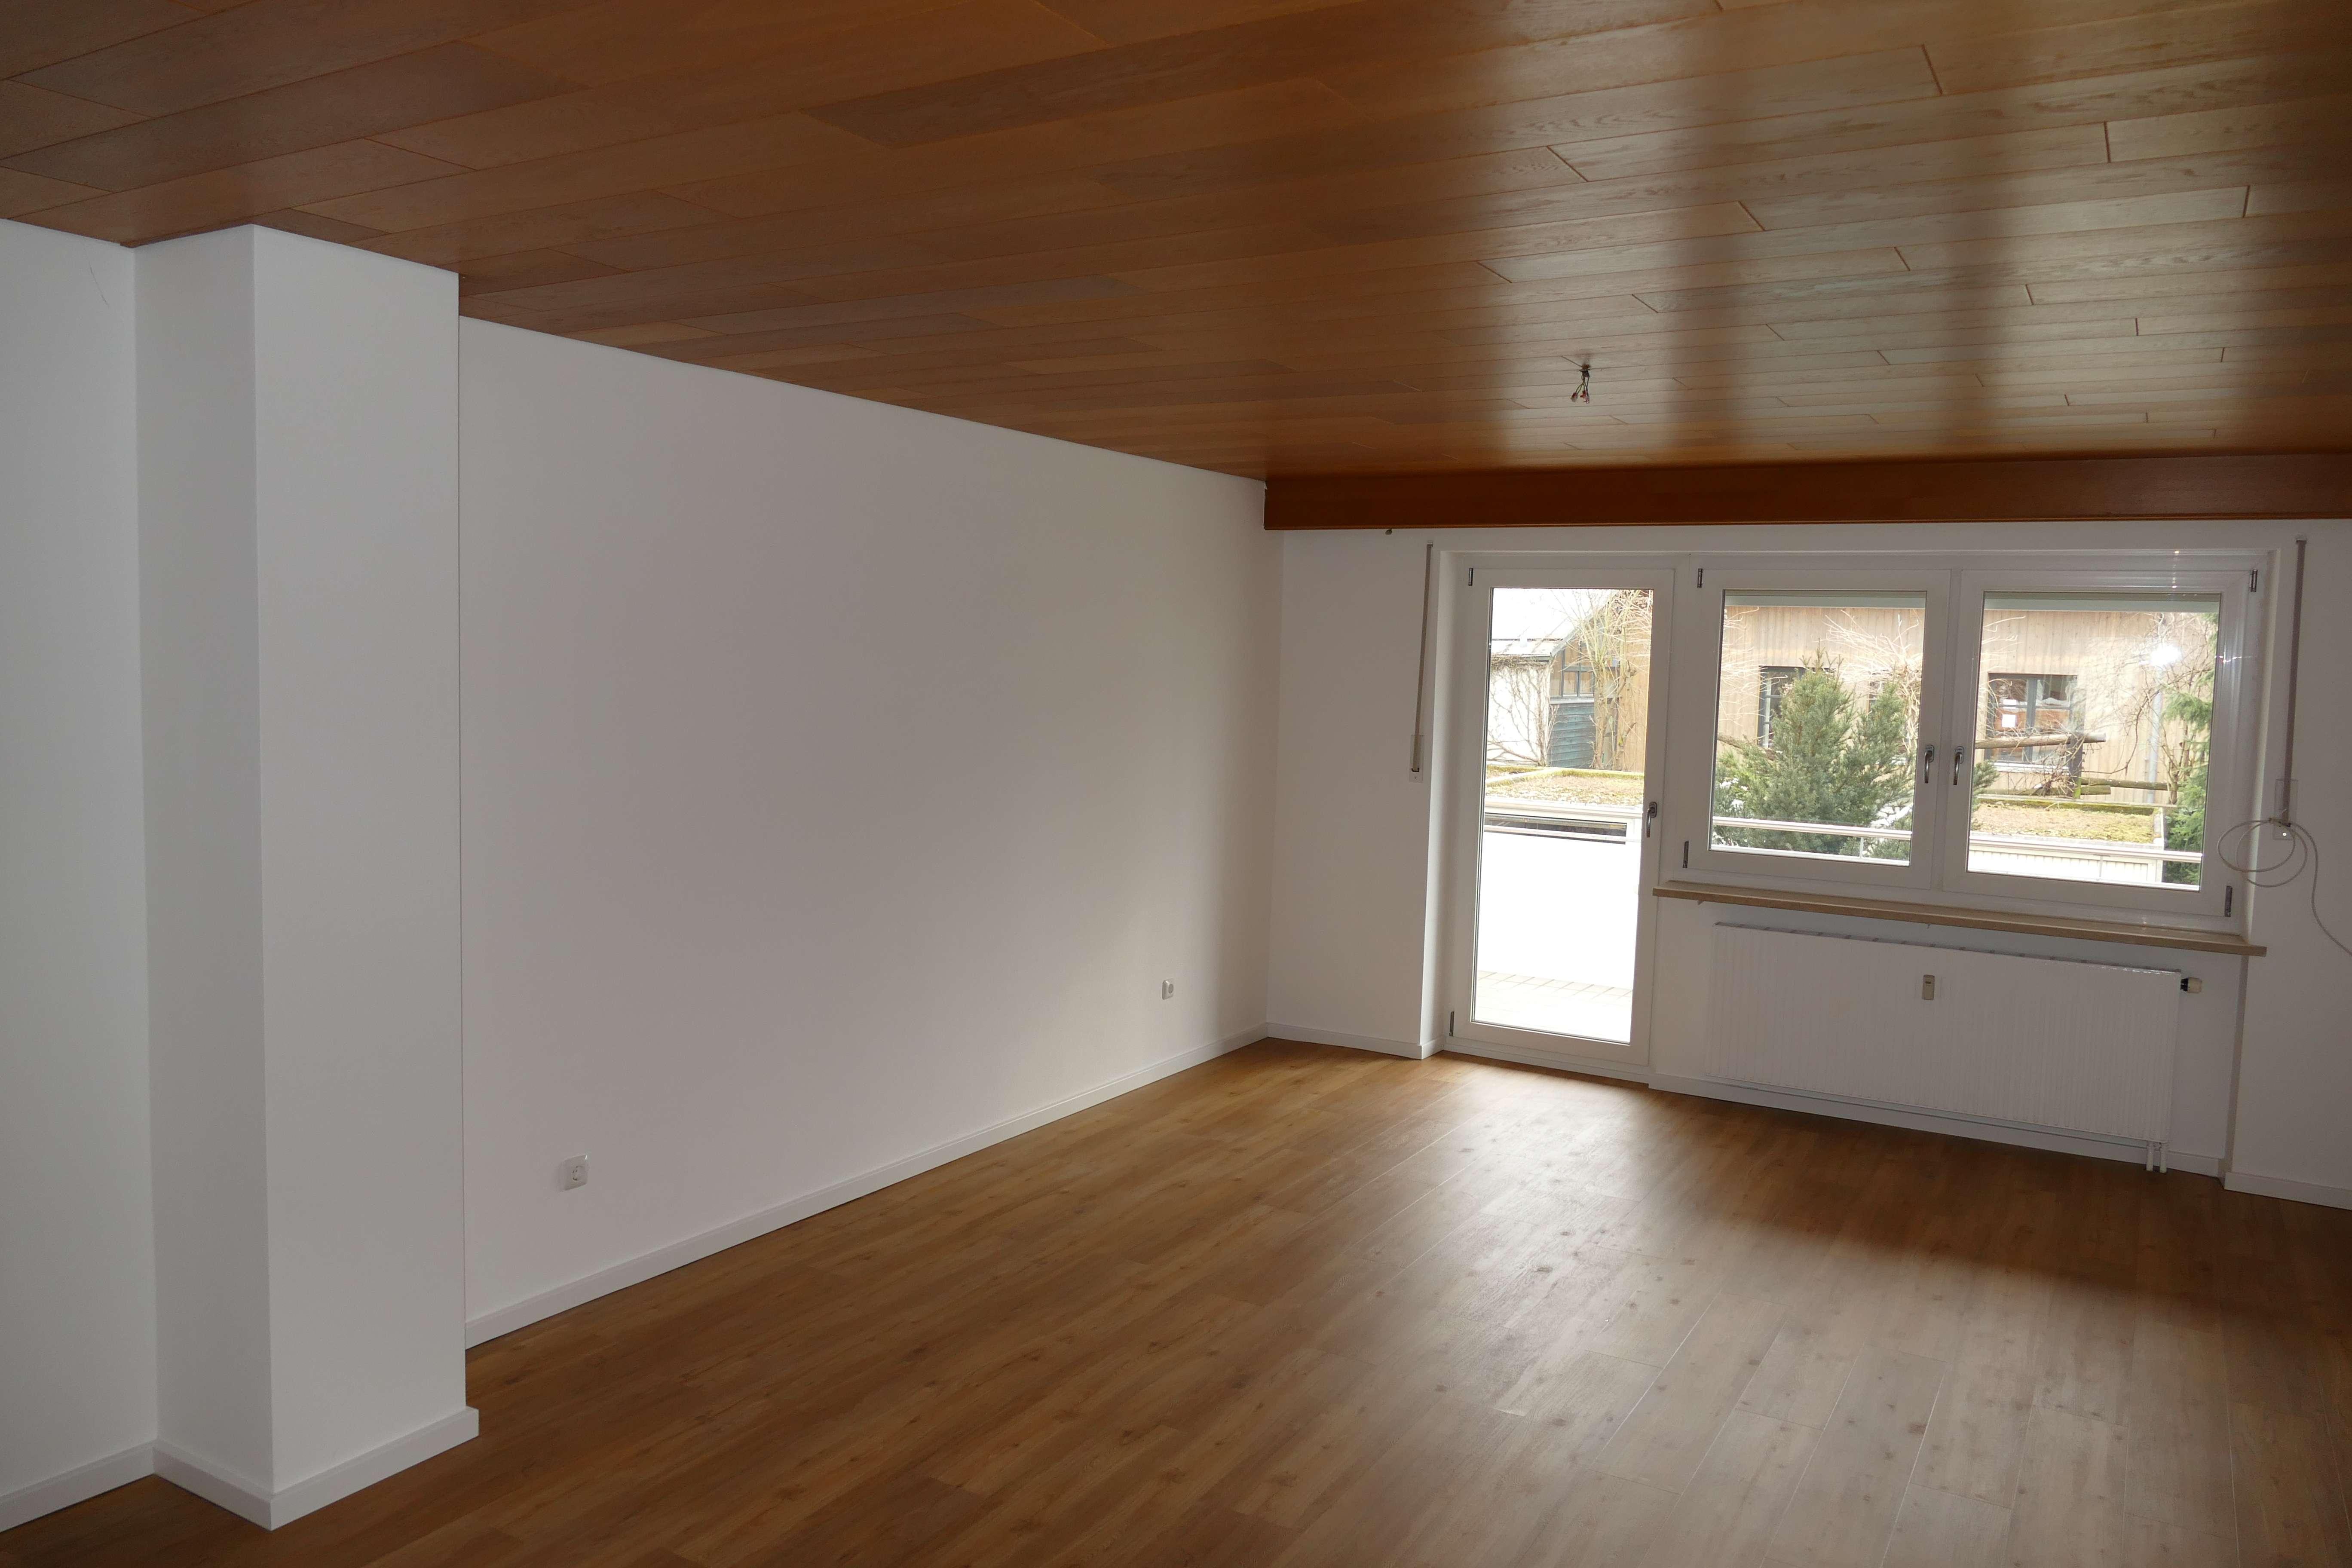 großzügig geschnittene 4-Raum-Wohnung in ruhiger ETW-Anlage Stadtzentrum in Deggendorf